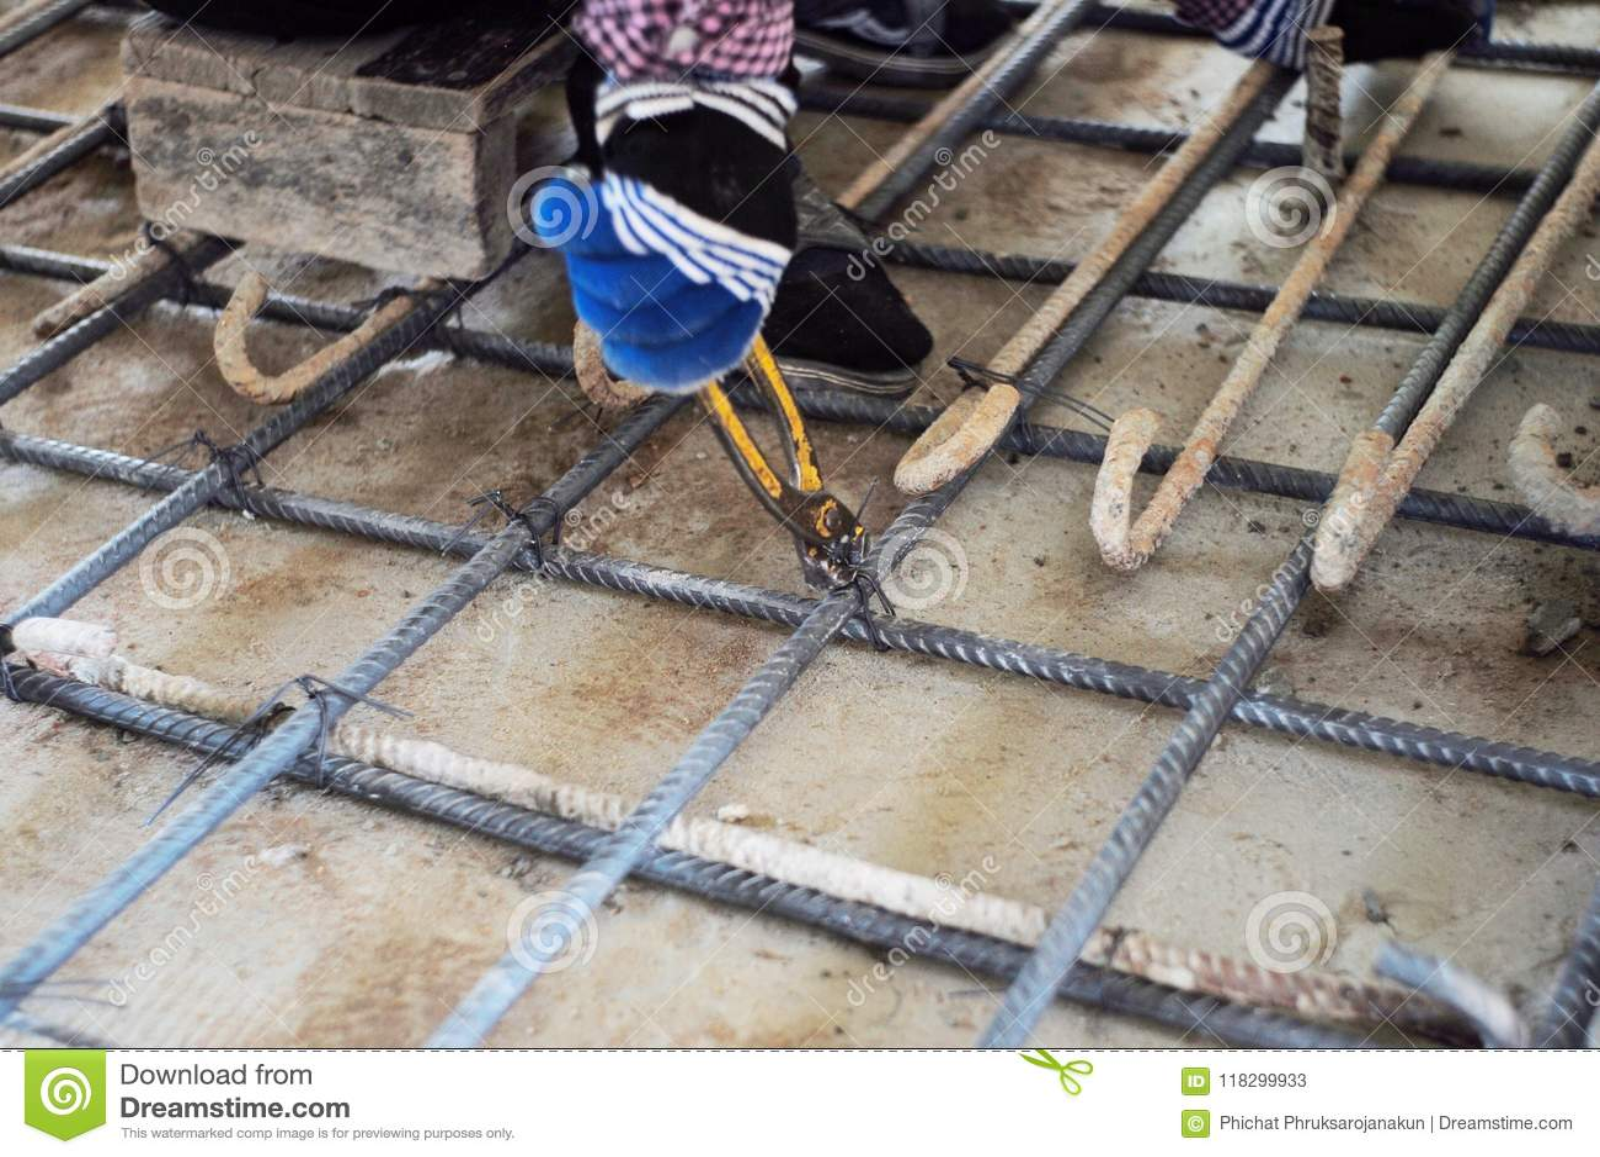 Trabalhador que faz o objeto metálico para o reforço do assoalho concreto no canteiro de obras